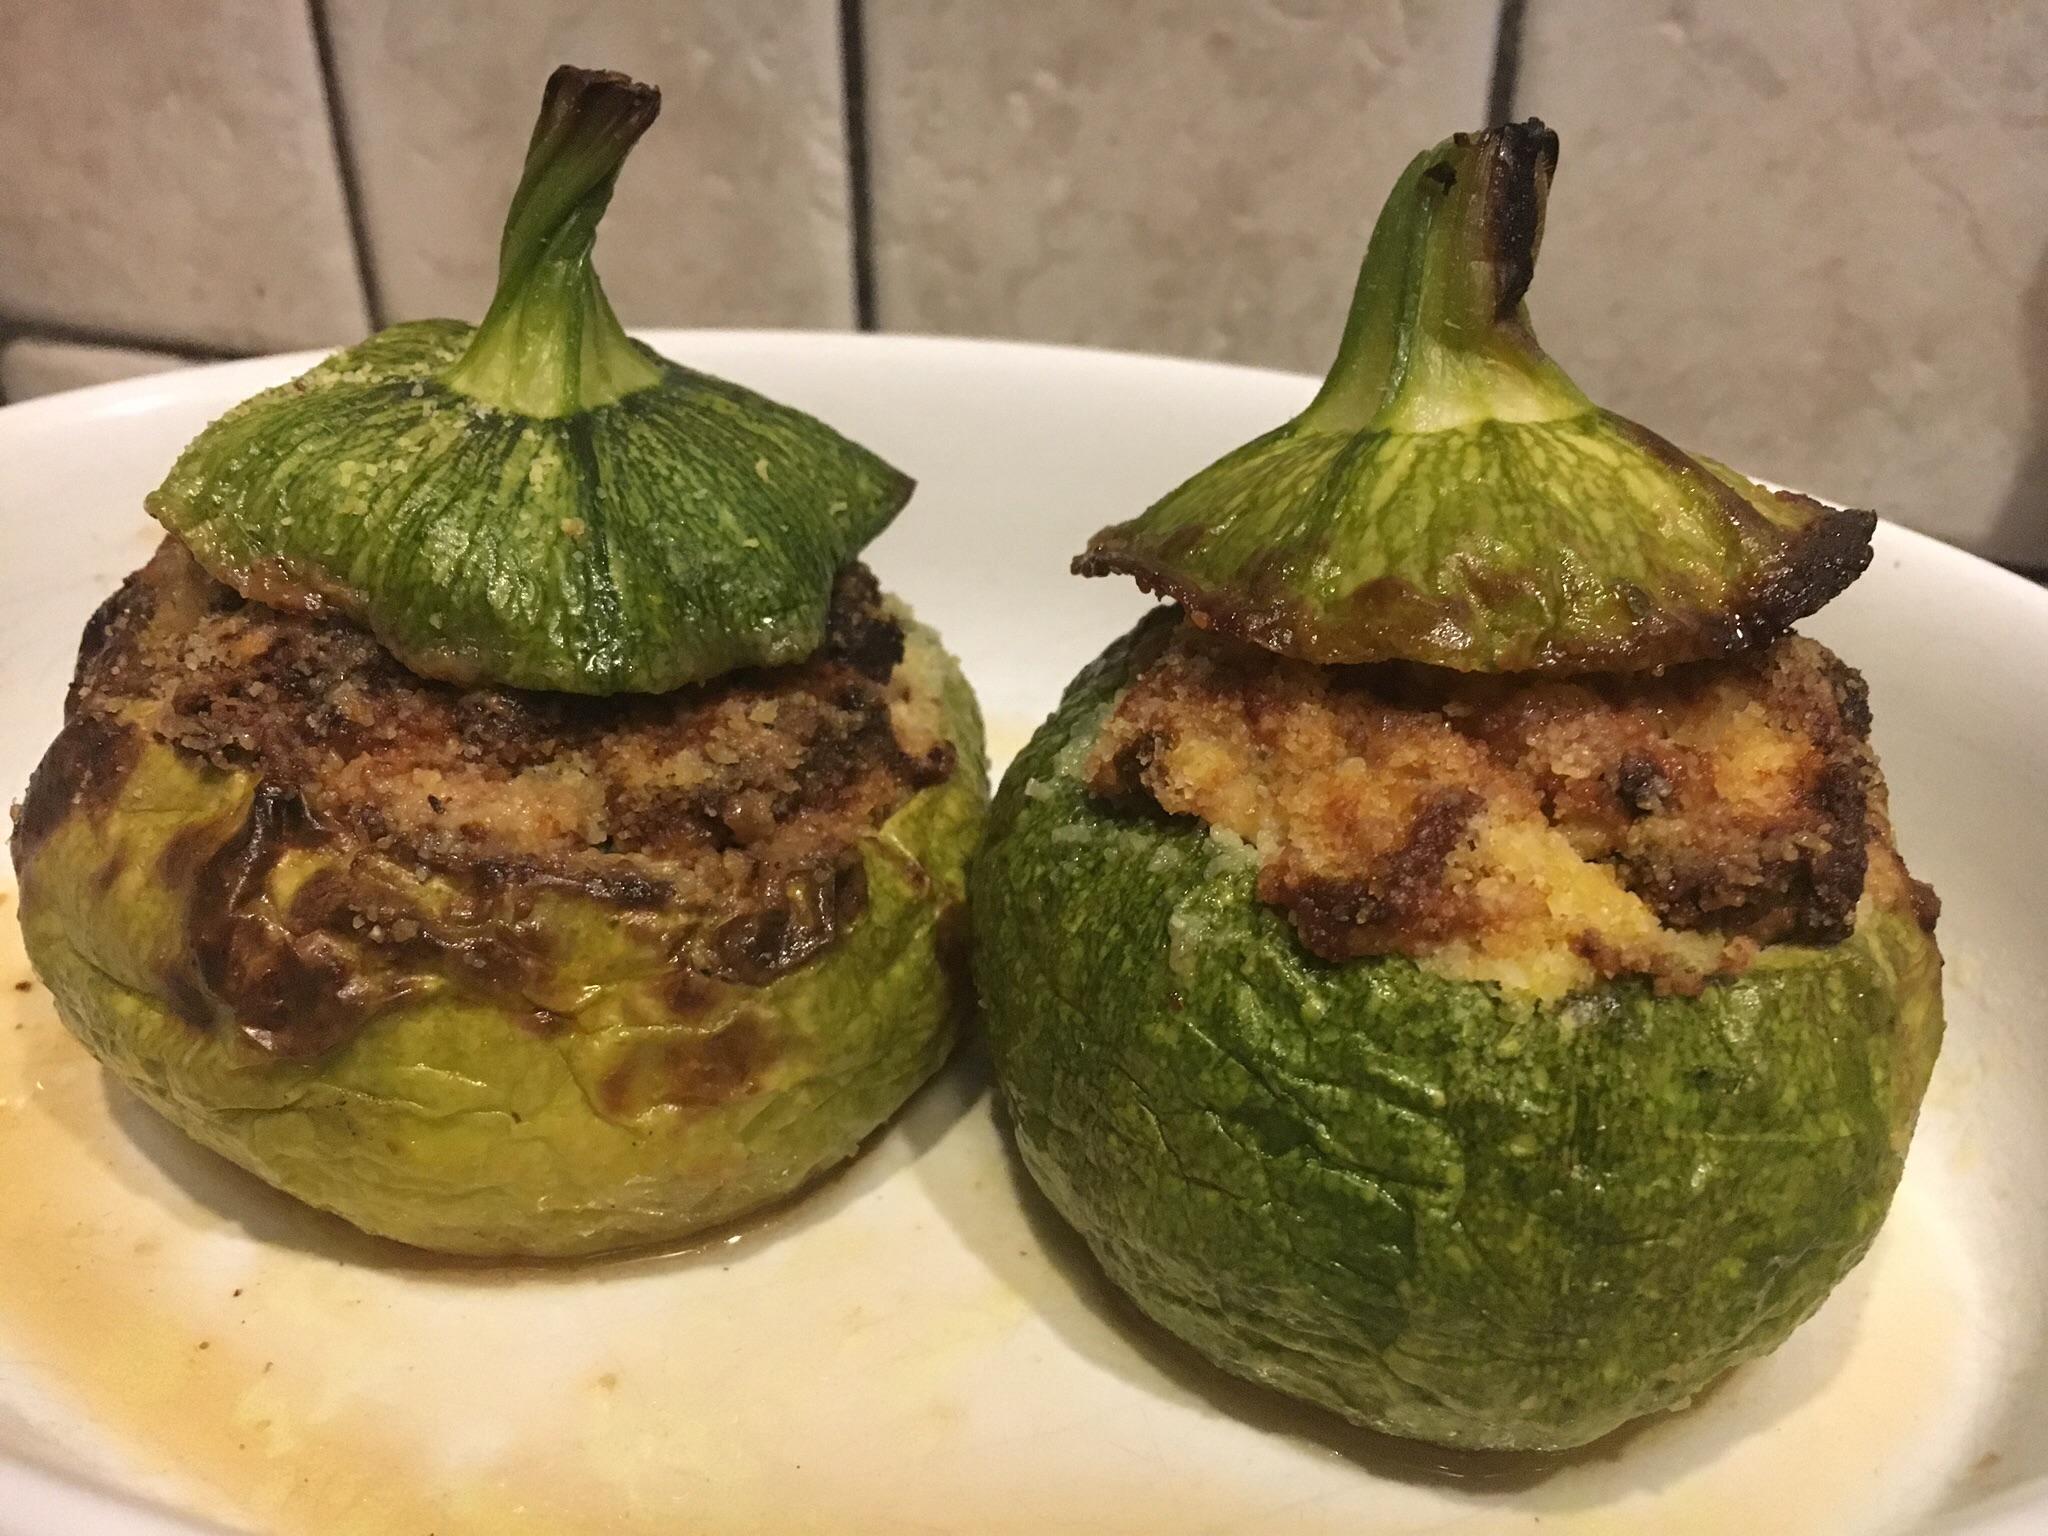 Zucchine tonde ripiene senza glutine